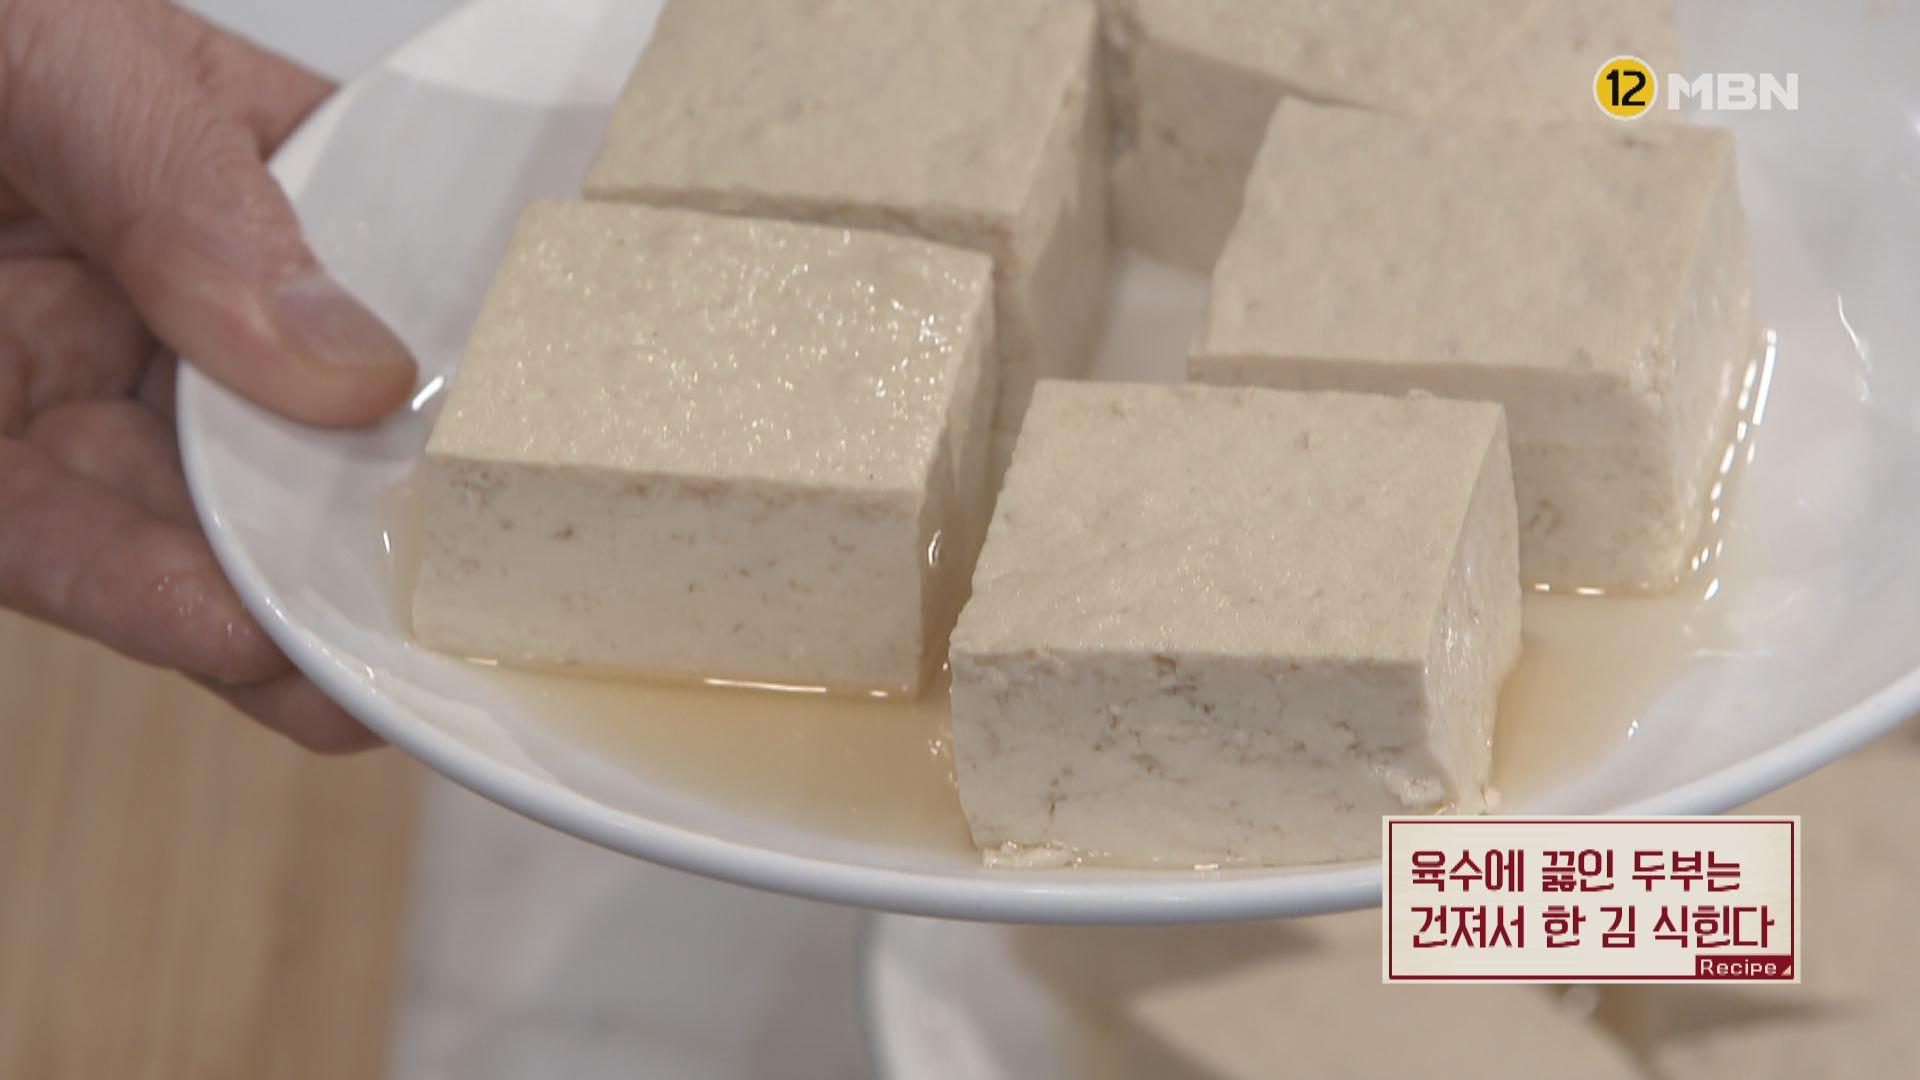 알토란 김하진 두부조림 만드는 방법